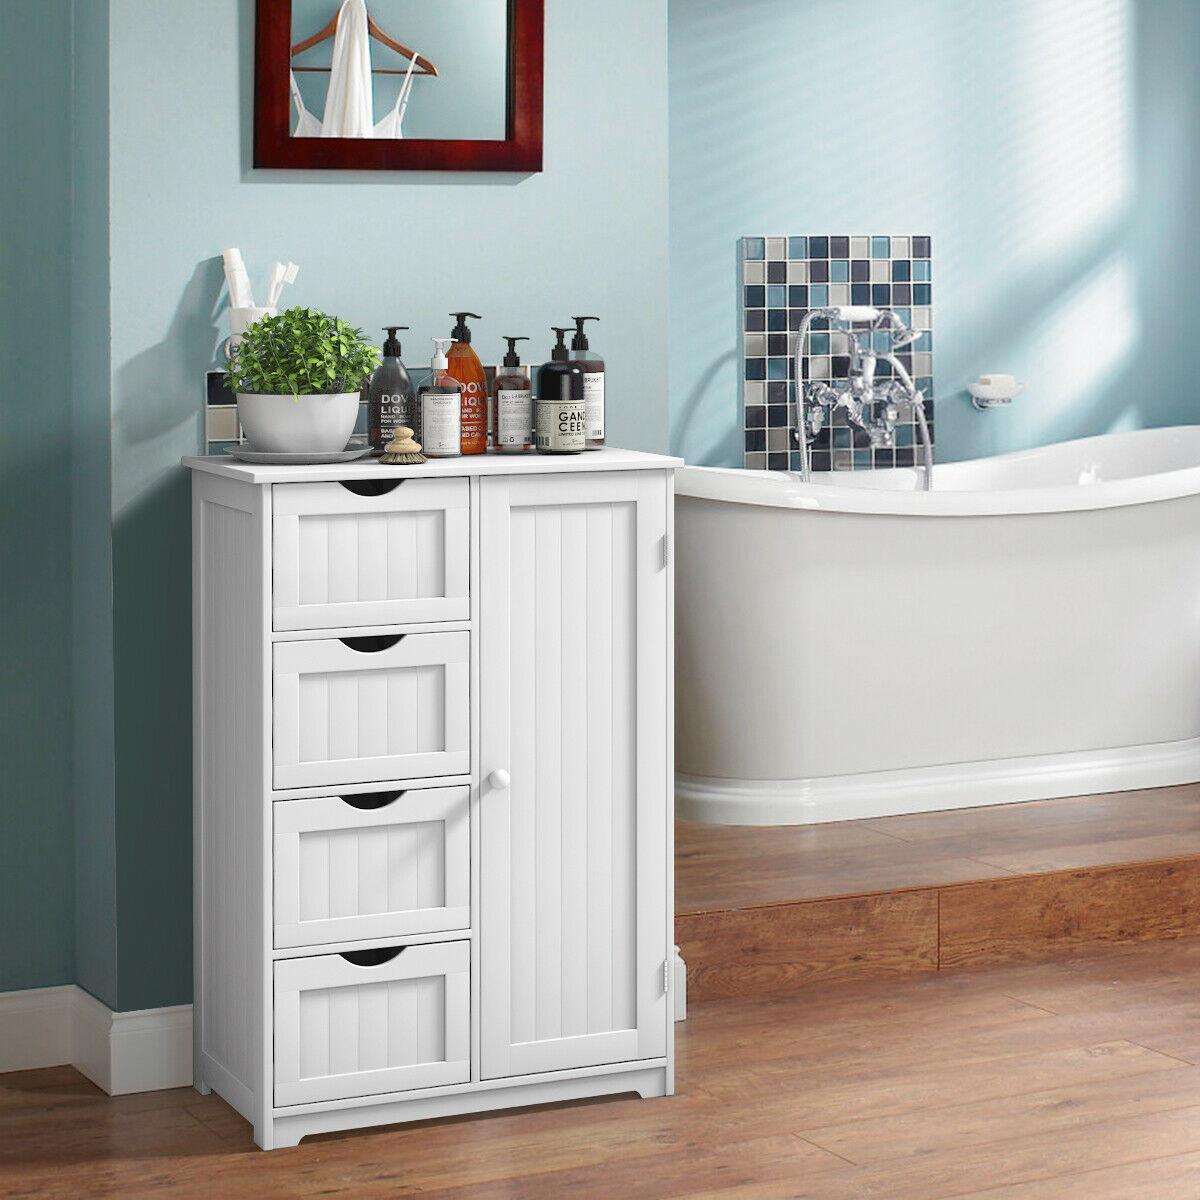 A four-drawer bathroom cabinet storage cupboard